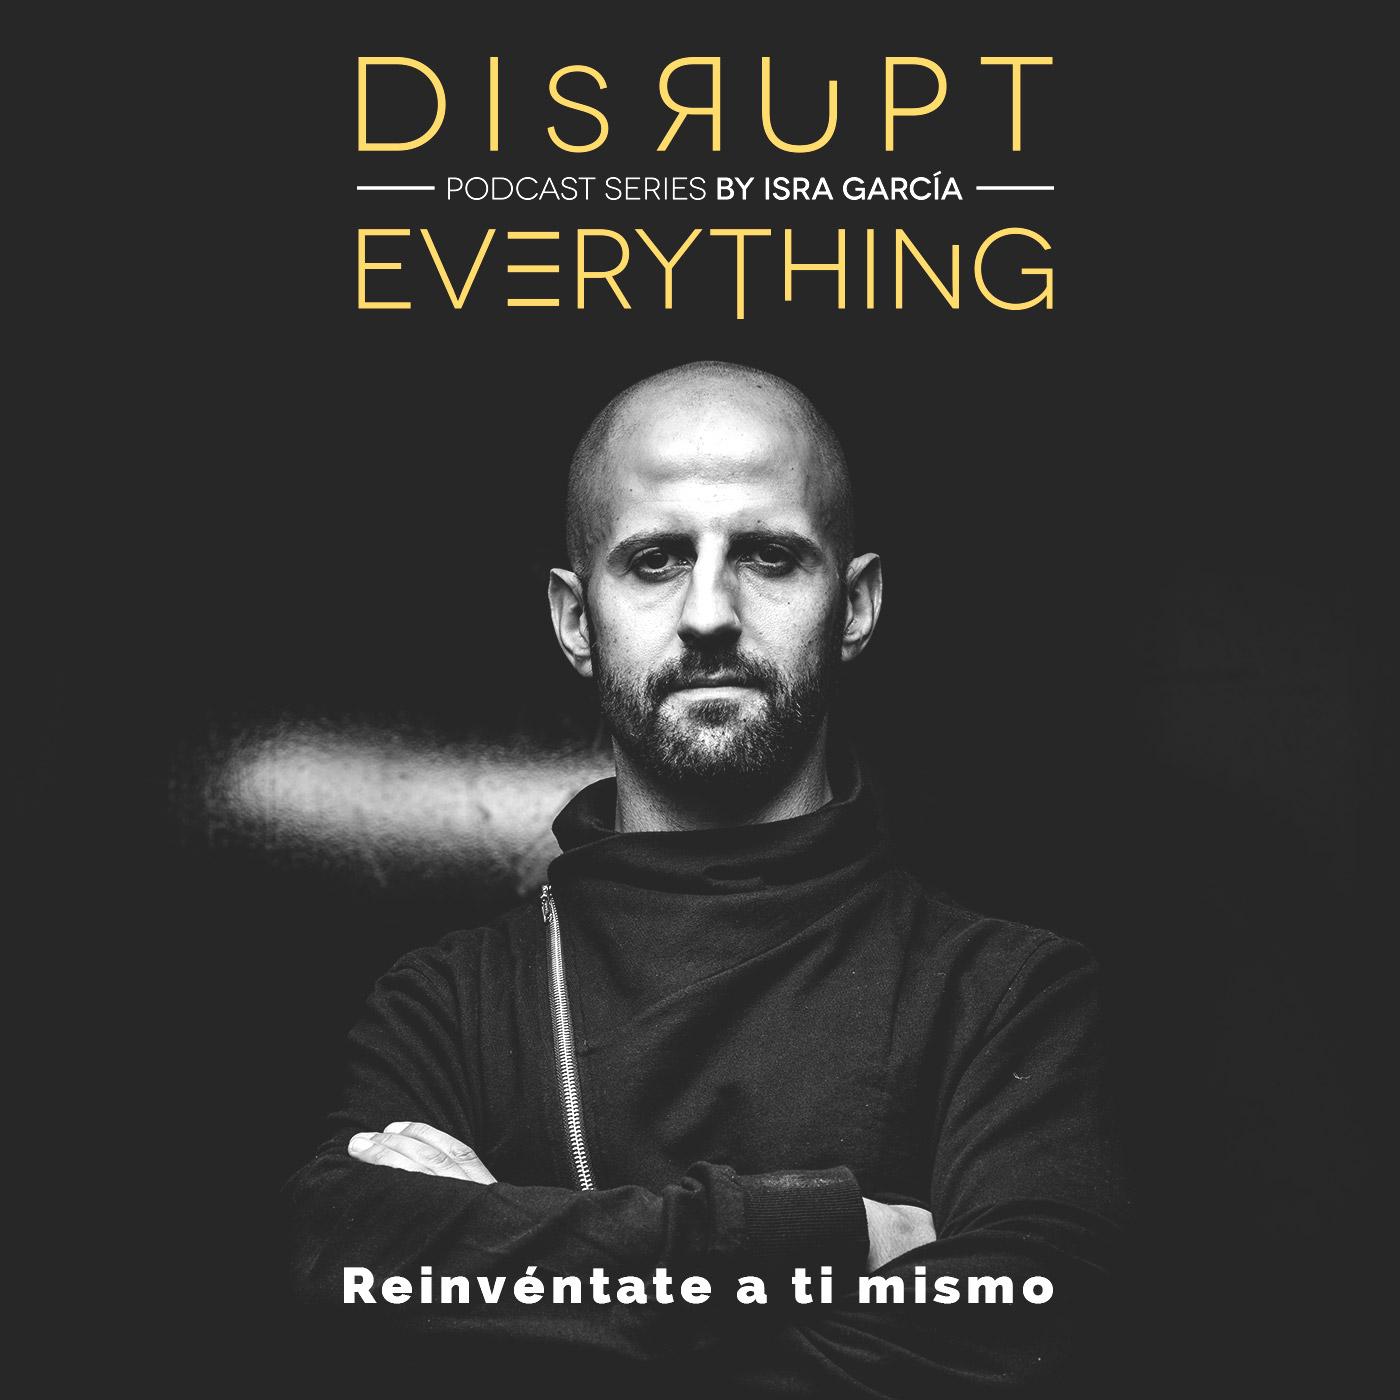 Acción imparable, masiva, perspicaz y explosiva - Disrupt Everything #74